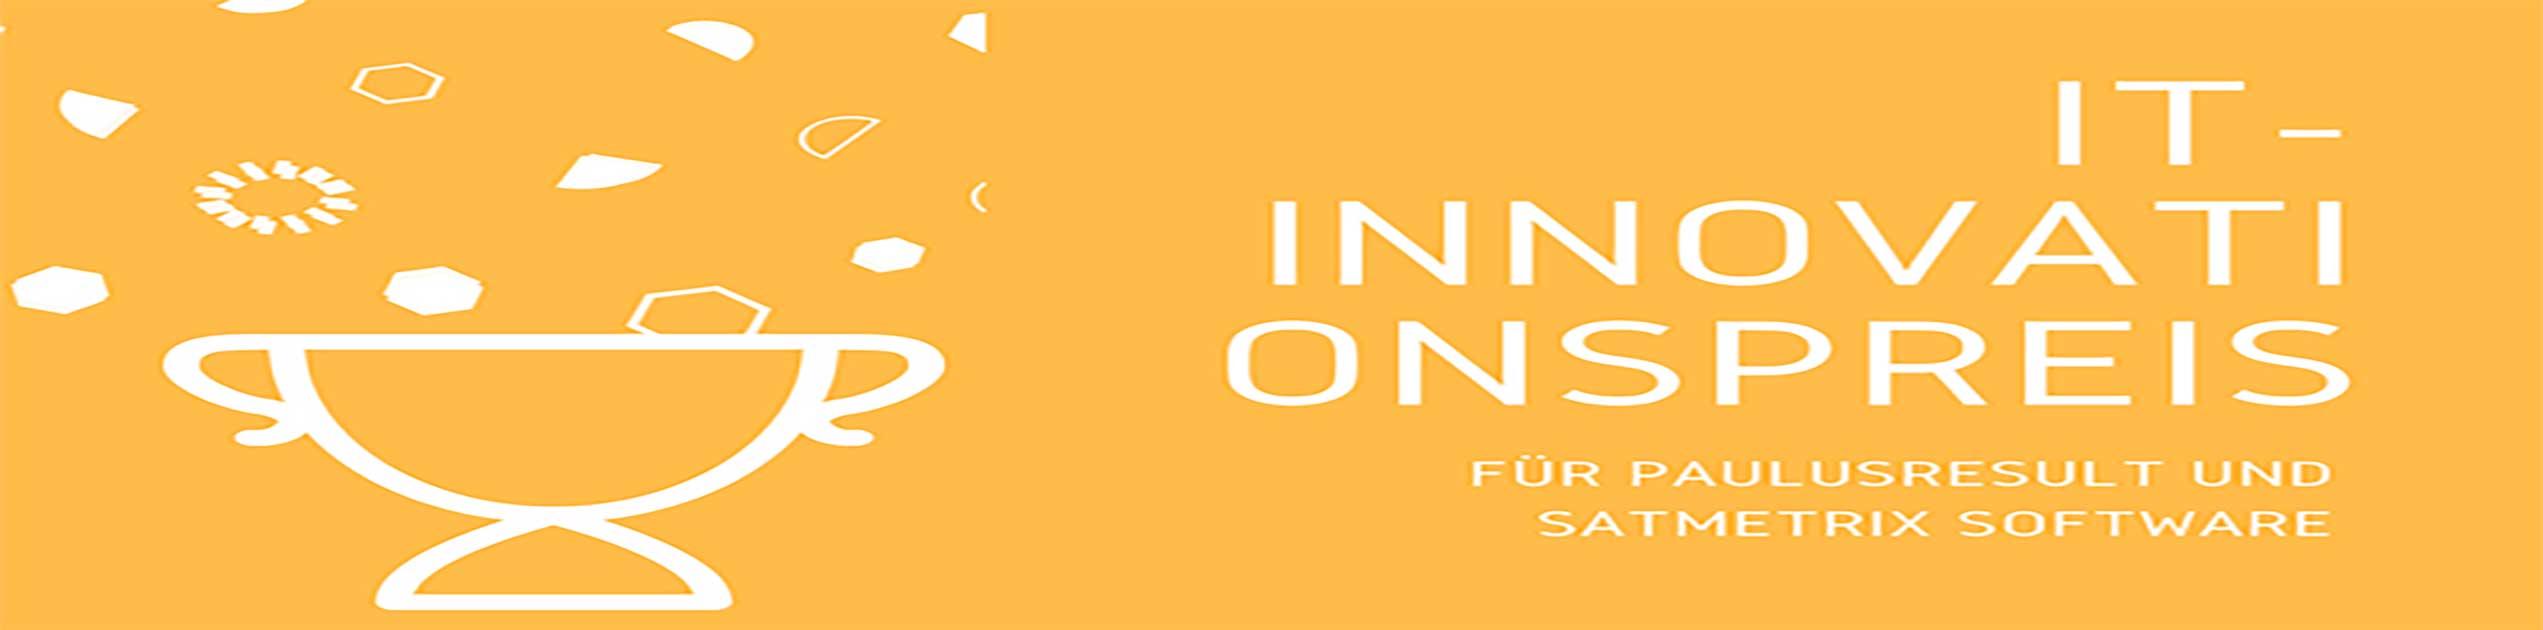 Blog: Titelbild Artikel im Wirtschaftsmagazin-Pfalz IT Innovationspreis fuer-paulusresult Pokal